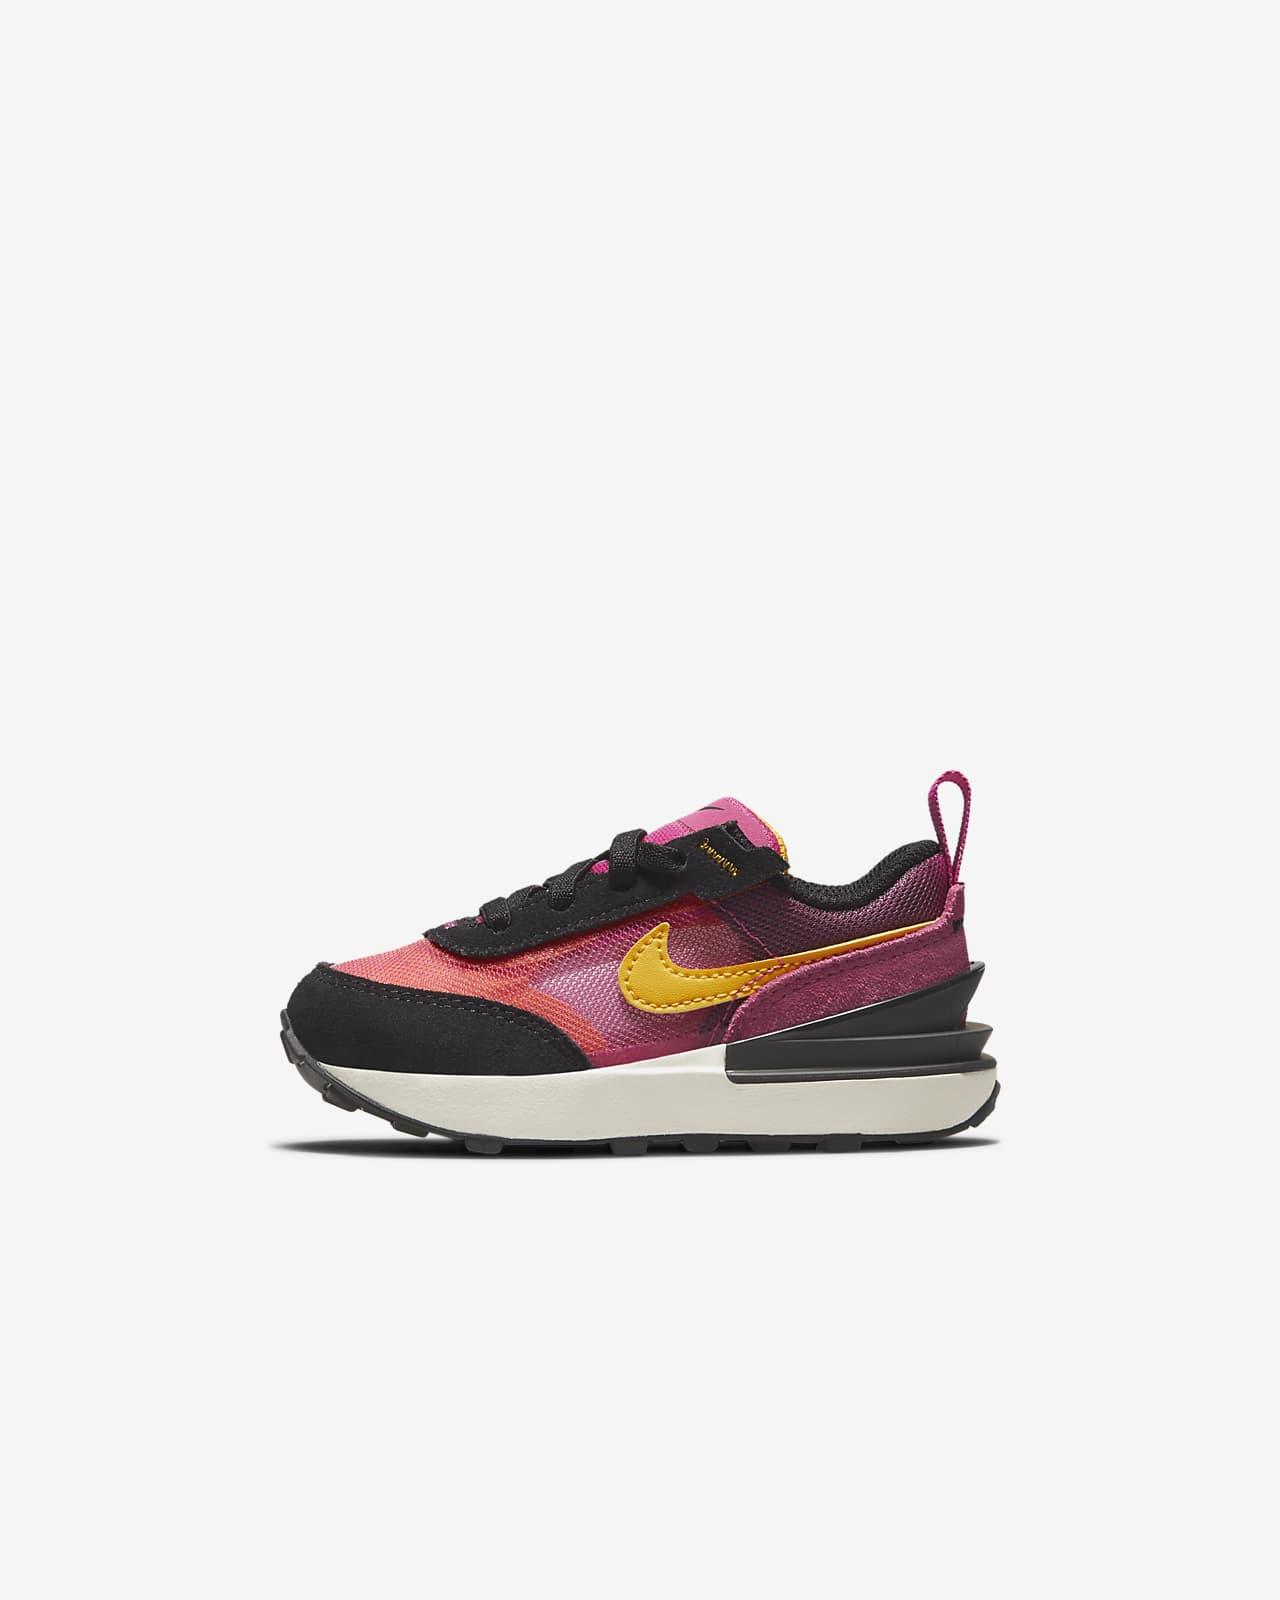 Nike Waffle One Schoen voor baby's/peuters